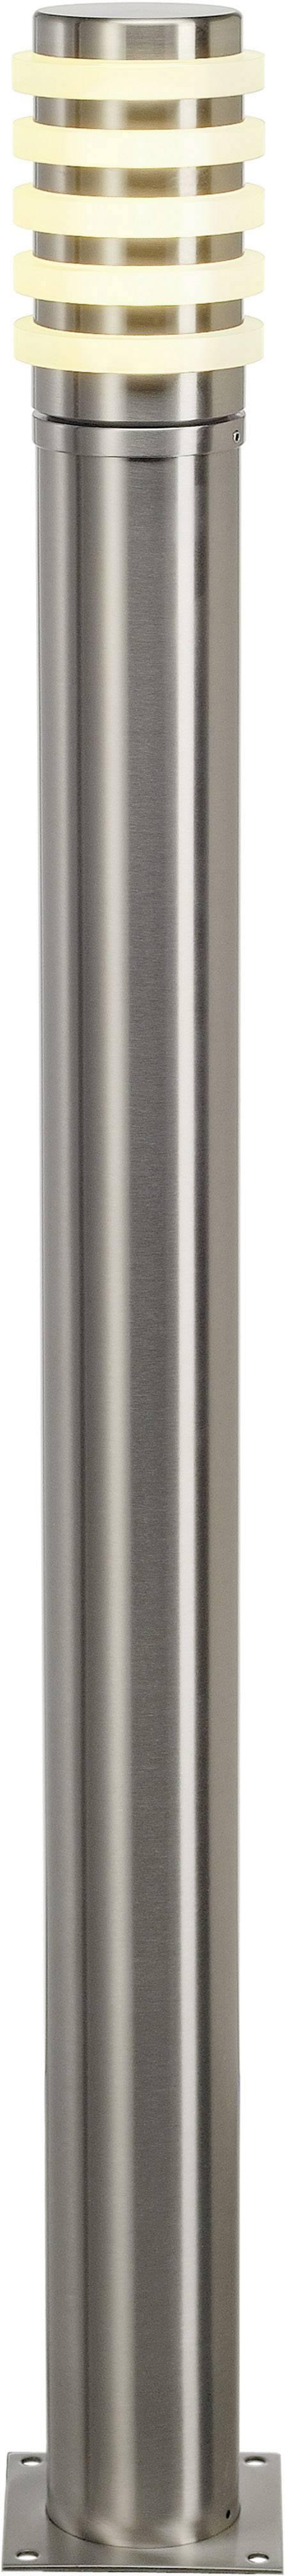 Úsporná žárovka venkovní stojací osvětlení SLV Big Nails Plus 231612, E27, 23 W, nezávisí na žárovce/zářivce, nerezová ocel